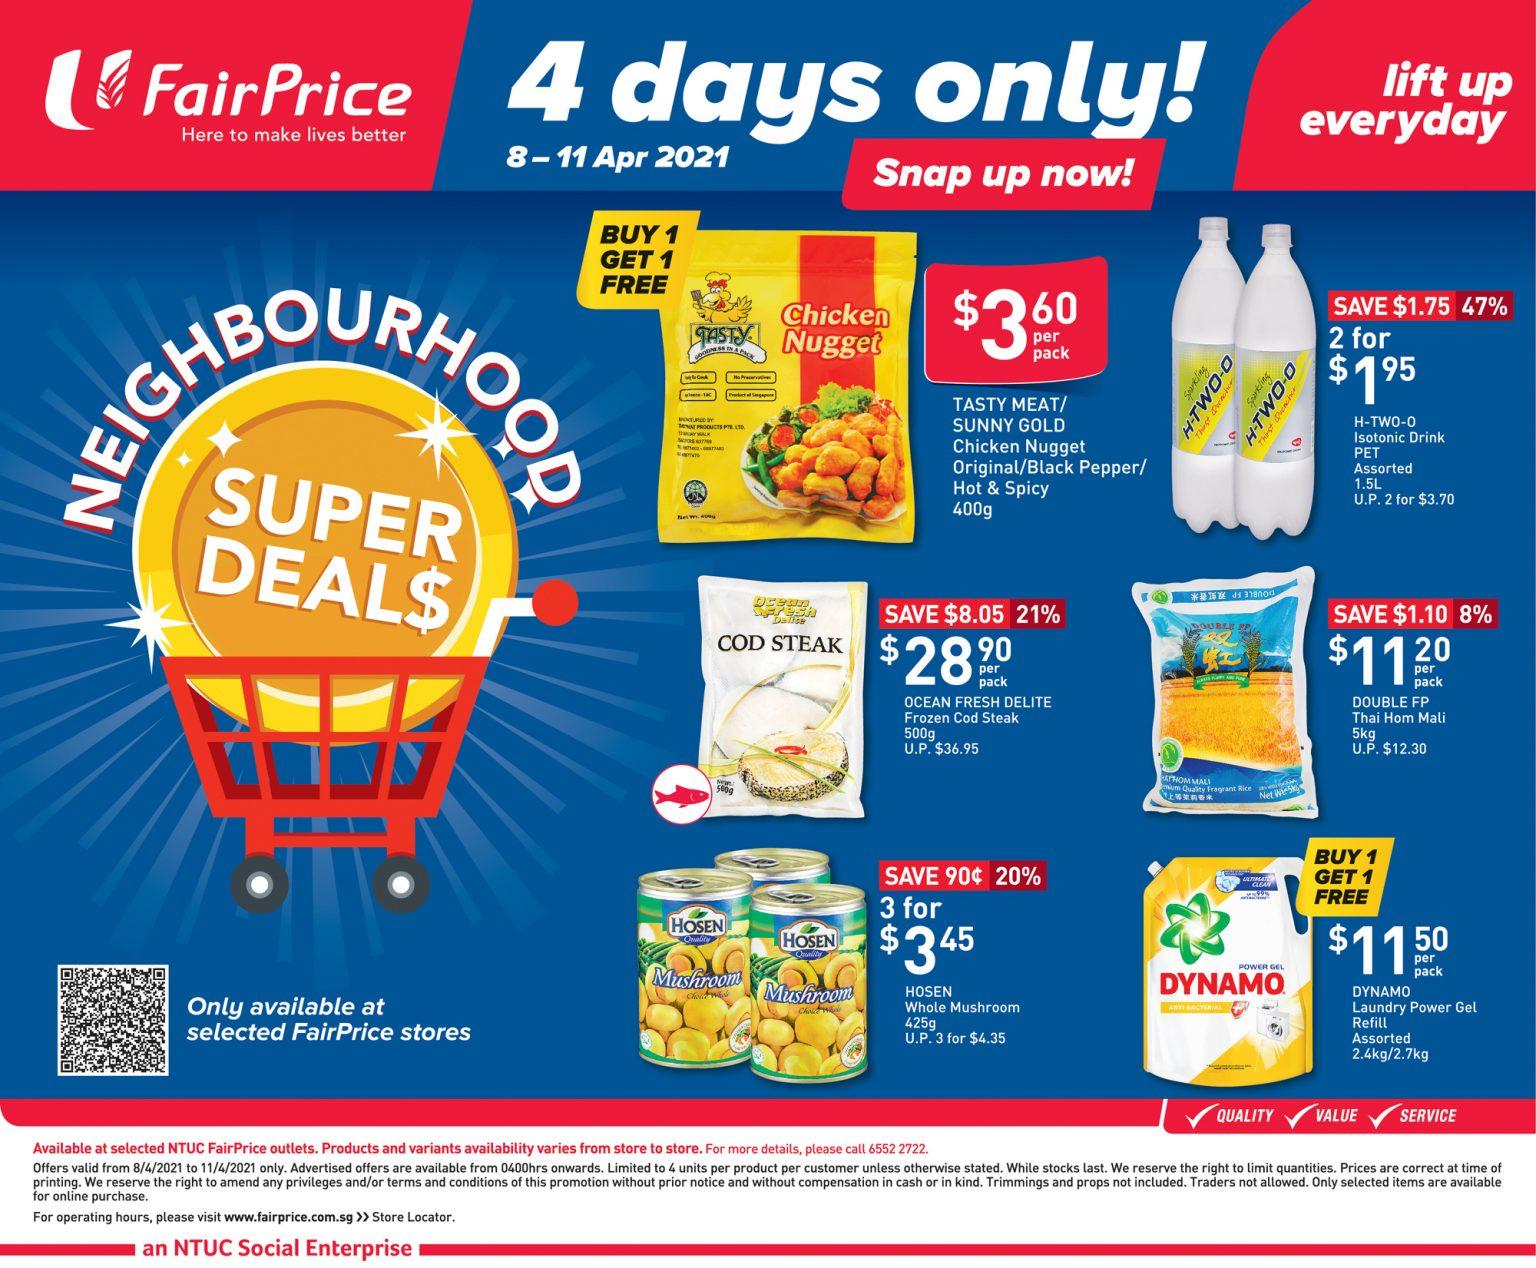 FairPrice 4 days only neighbourhood super deals till 11 April 2021